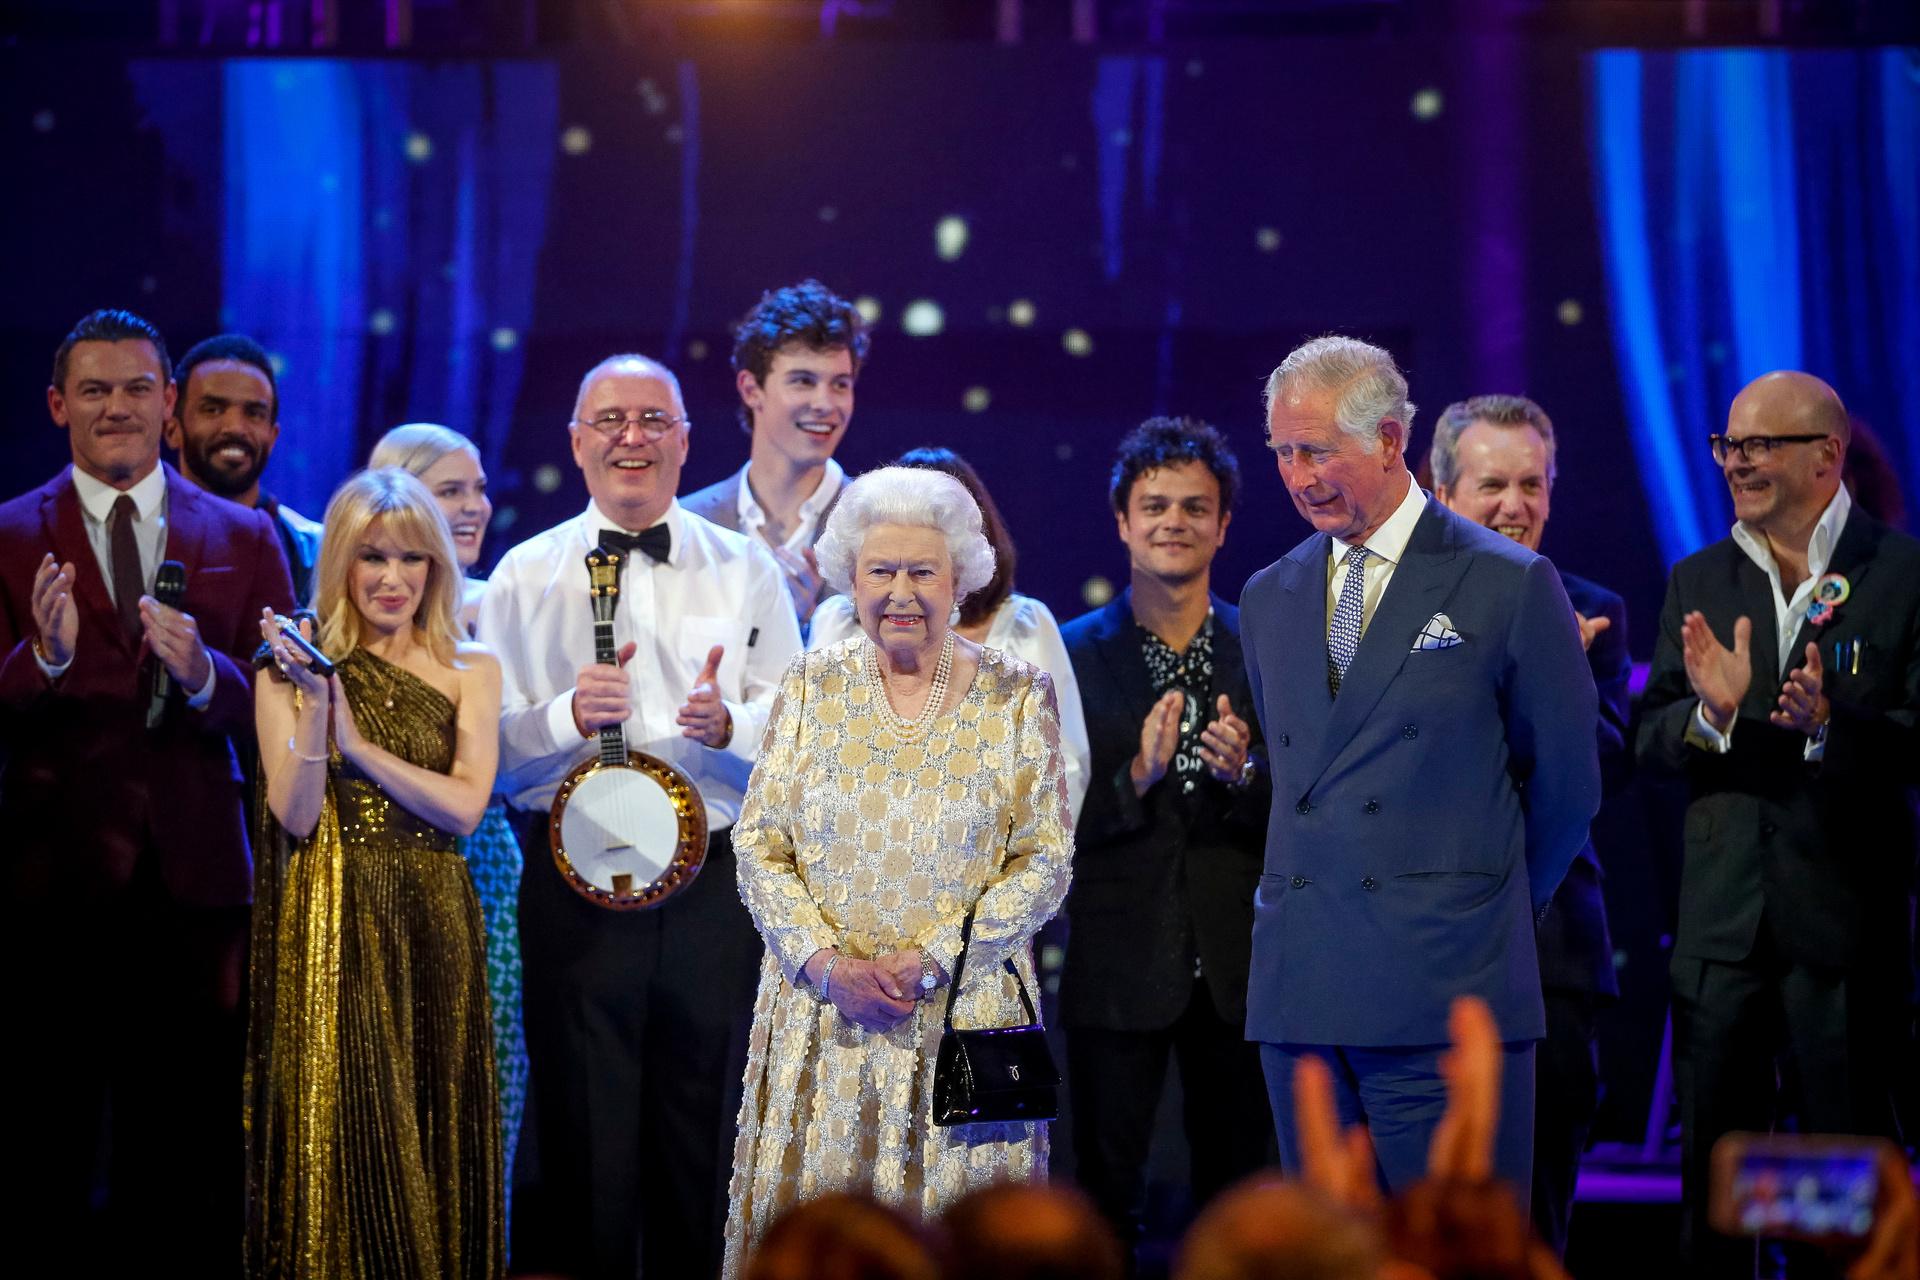 """""""The Queen's Birthday Party"""" nannte sich das Konzert zum 92. Geburtstag von Queen Elizabeth II. am 21. April 2018 in der Royal Albert Hall in London. Zahlreiche Künstler wirkten mit.  © ZDF/WDR/BBC/GUY LEVY"""